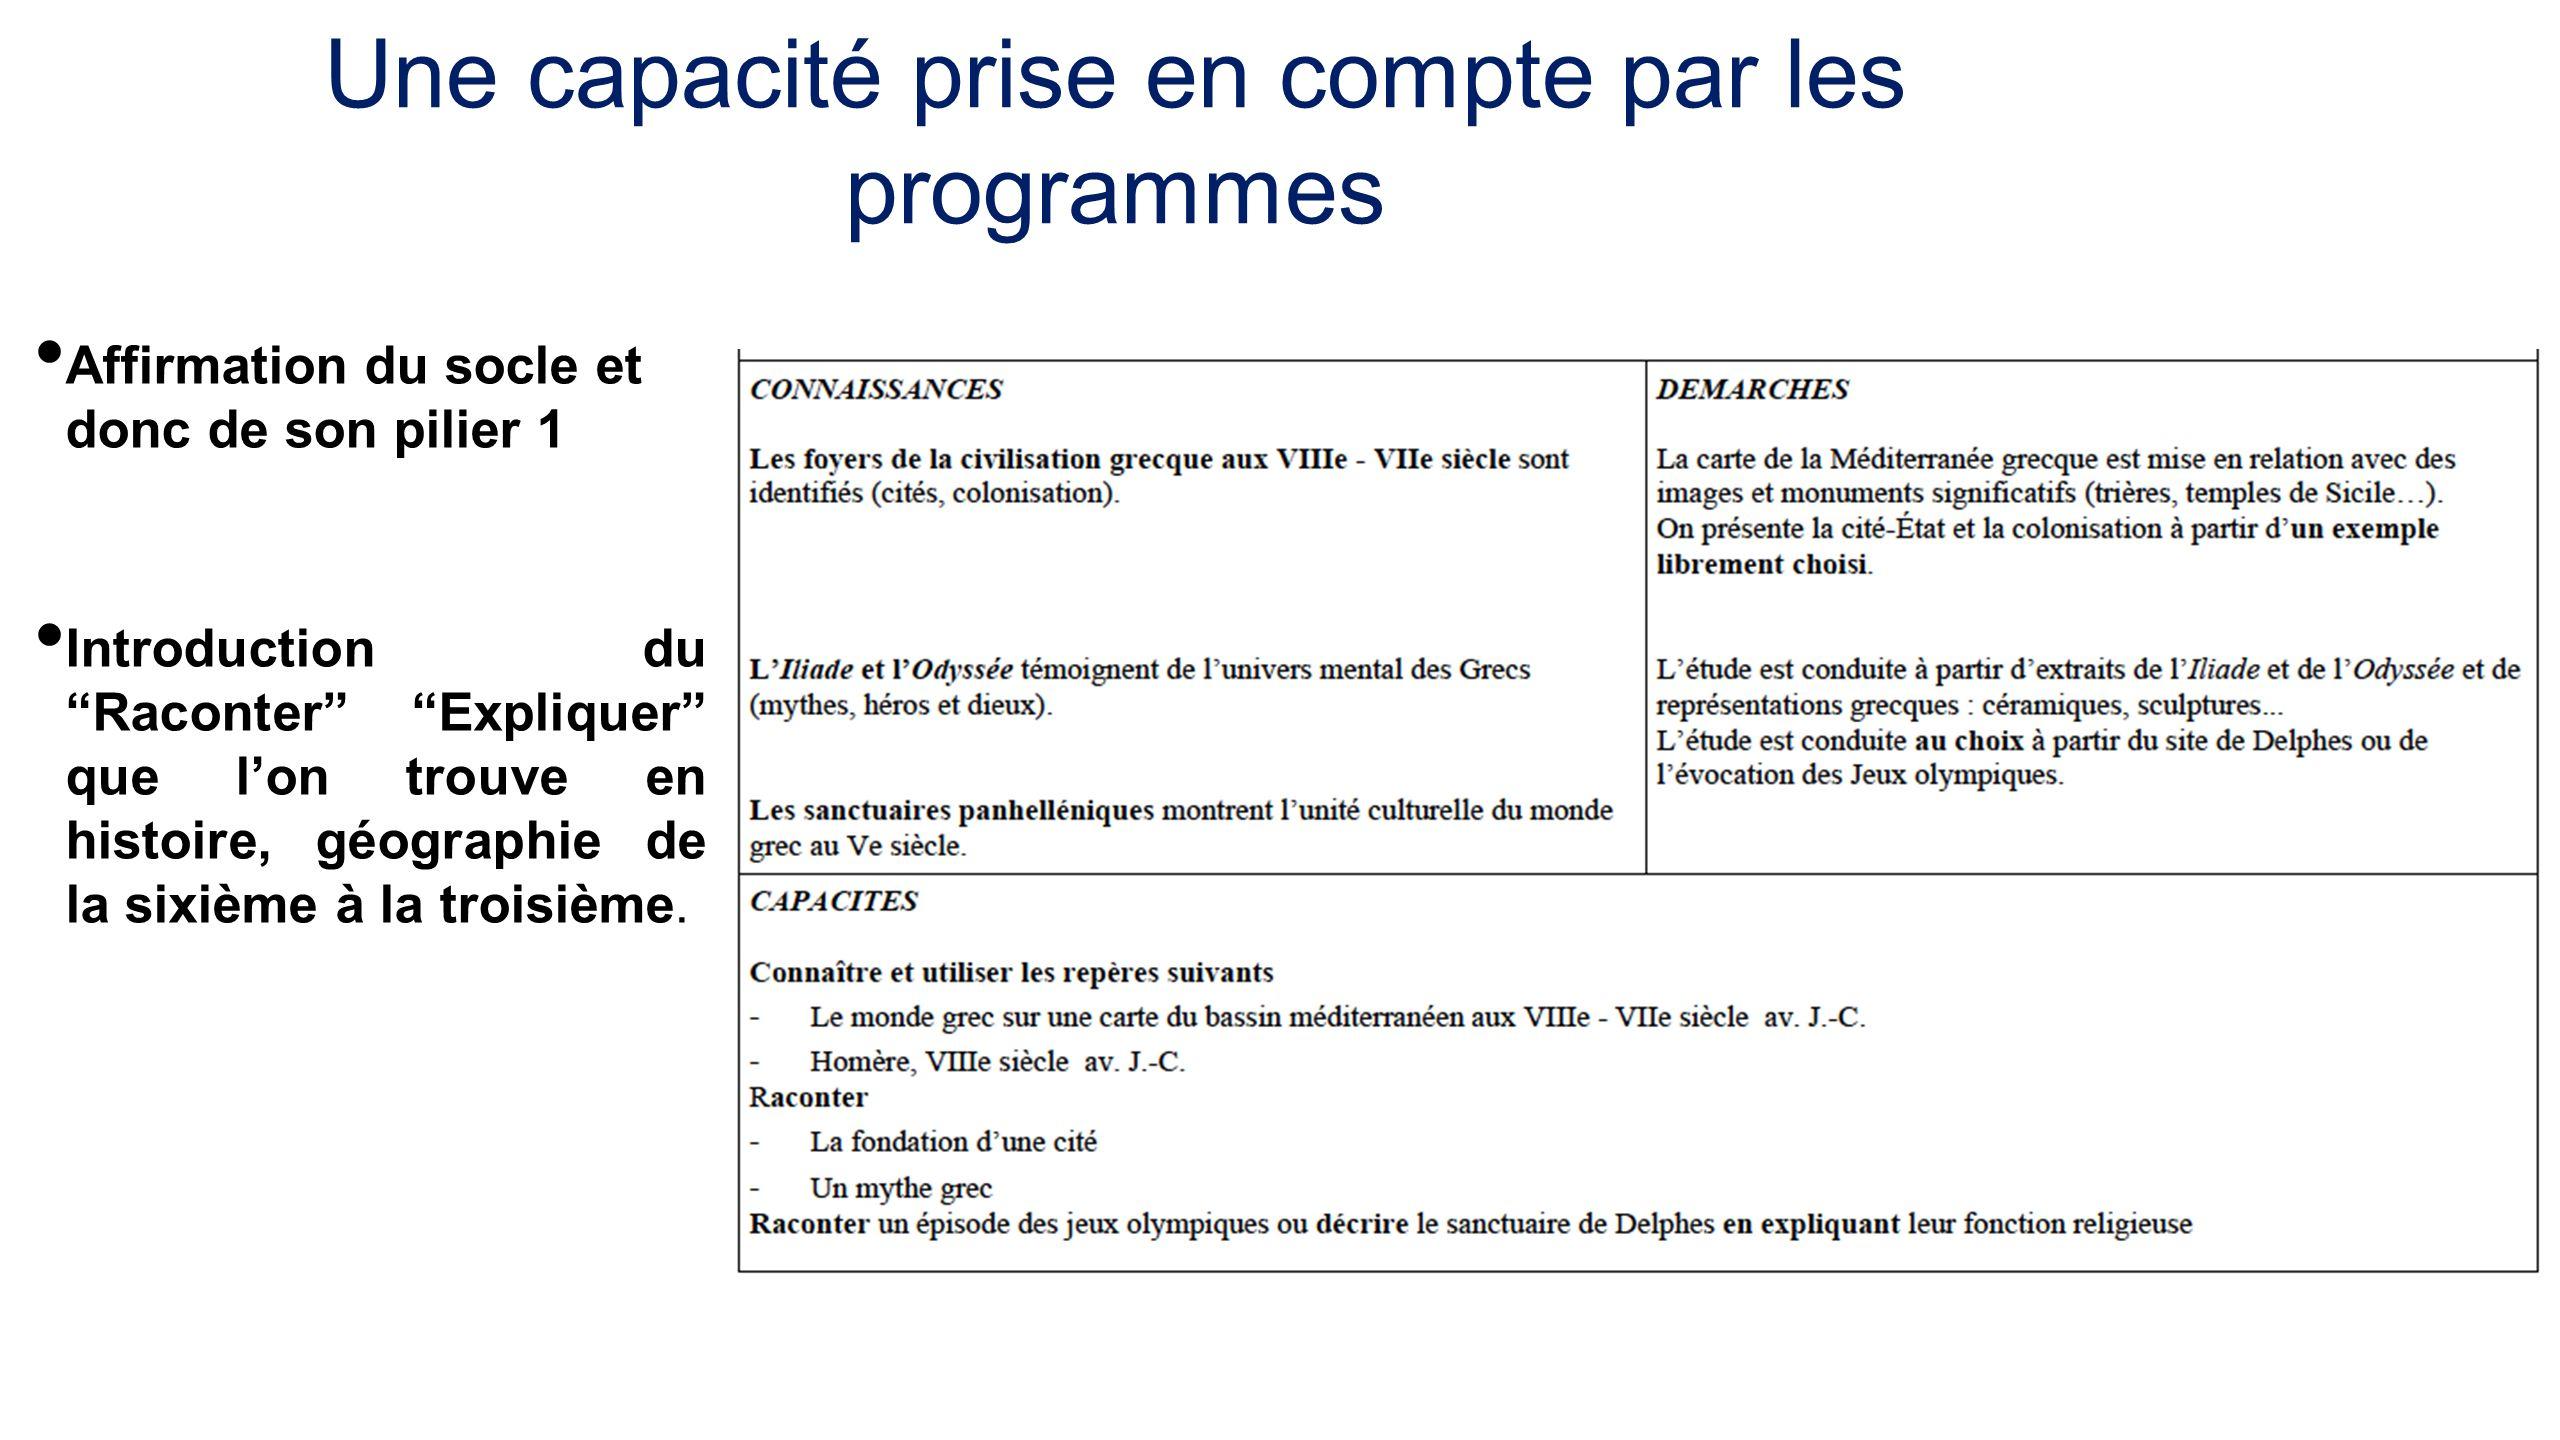 Une capacité prise en compte par les programmes Affirmation du socle et donc de son pilier 1 Introduction du Raconter Expliquer que lon trouve en hist